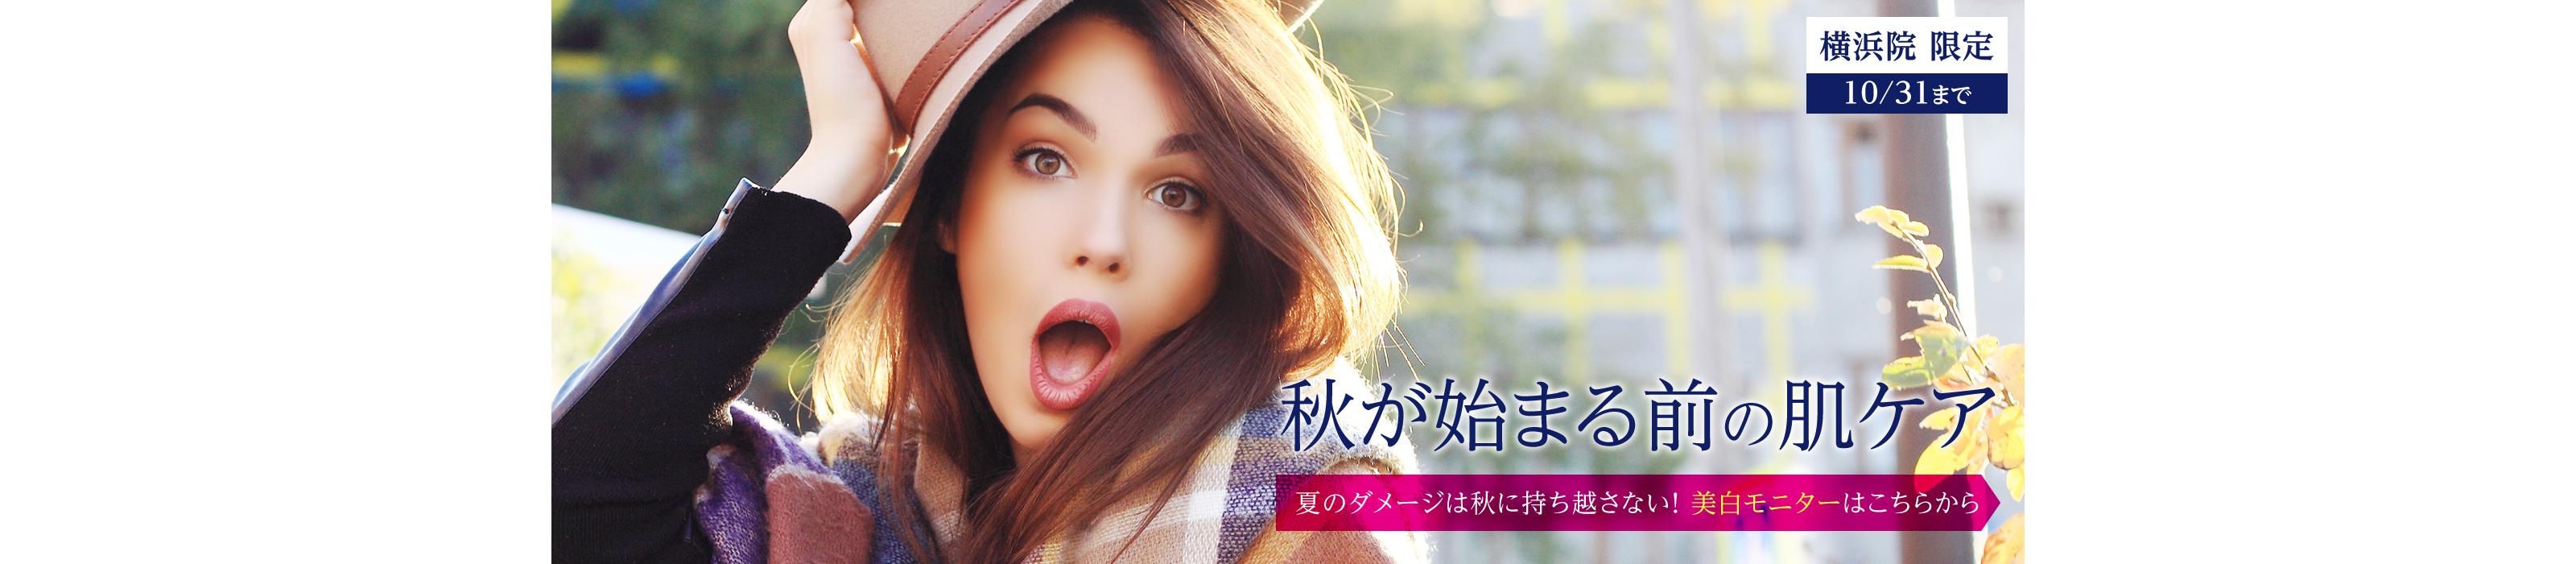 【横浜院限定】秋が始まる前の肌ケア「シミ・ソバカス」「肌のゴワつき」解消!